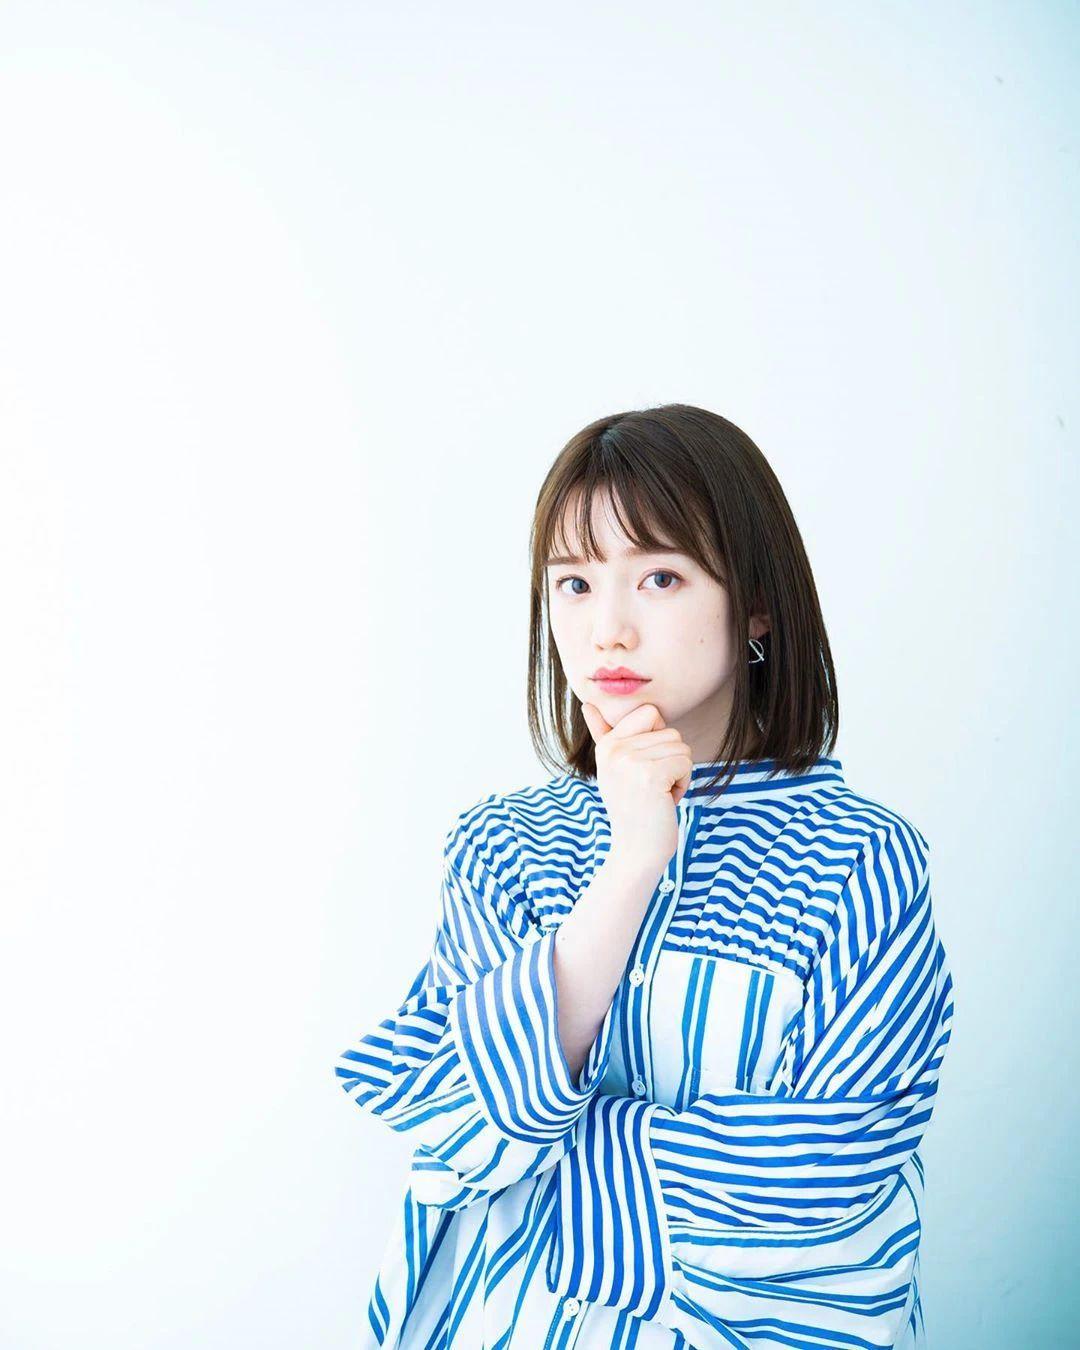 永远一张娃娃脸的棉花糖女孩弘中绫香写真作品 (38)